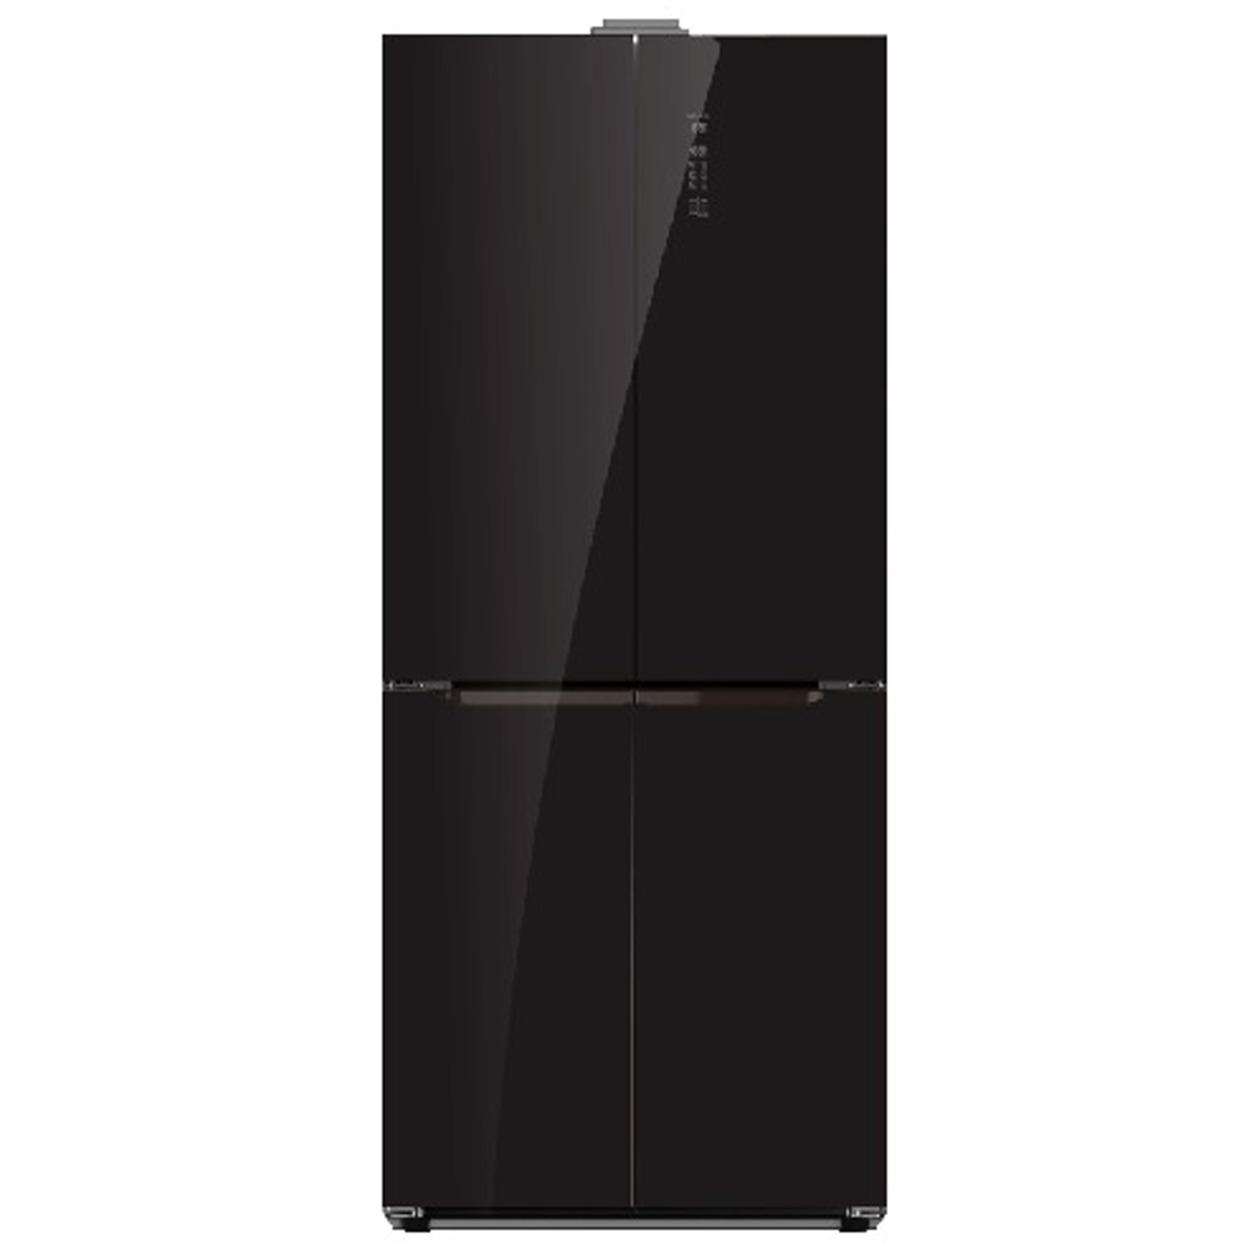 Schneider amerikaanse koelkast SCD 400 A++ NF Black Glass